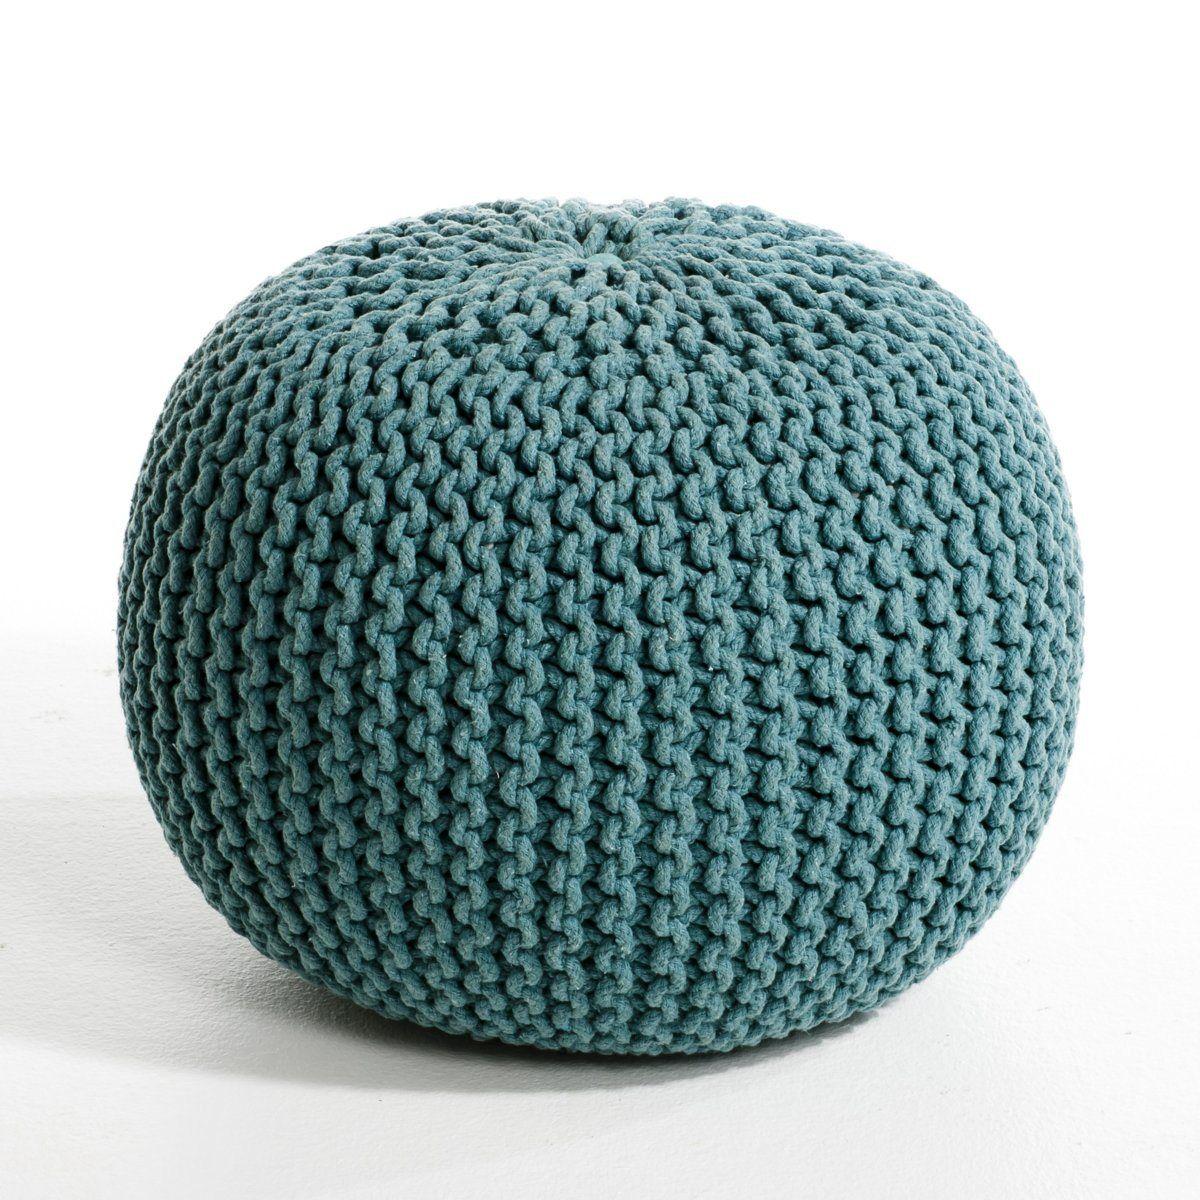 pouf rond tress autre gris bleu canard blanc cru 59 49 ampm salon pinterest pouf. Black Bedroom Furniture Sets. Home Design Ideas